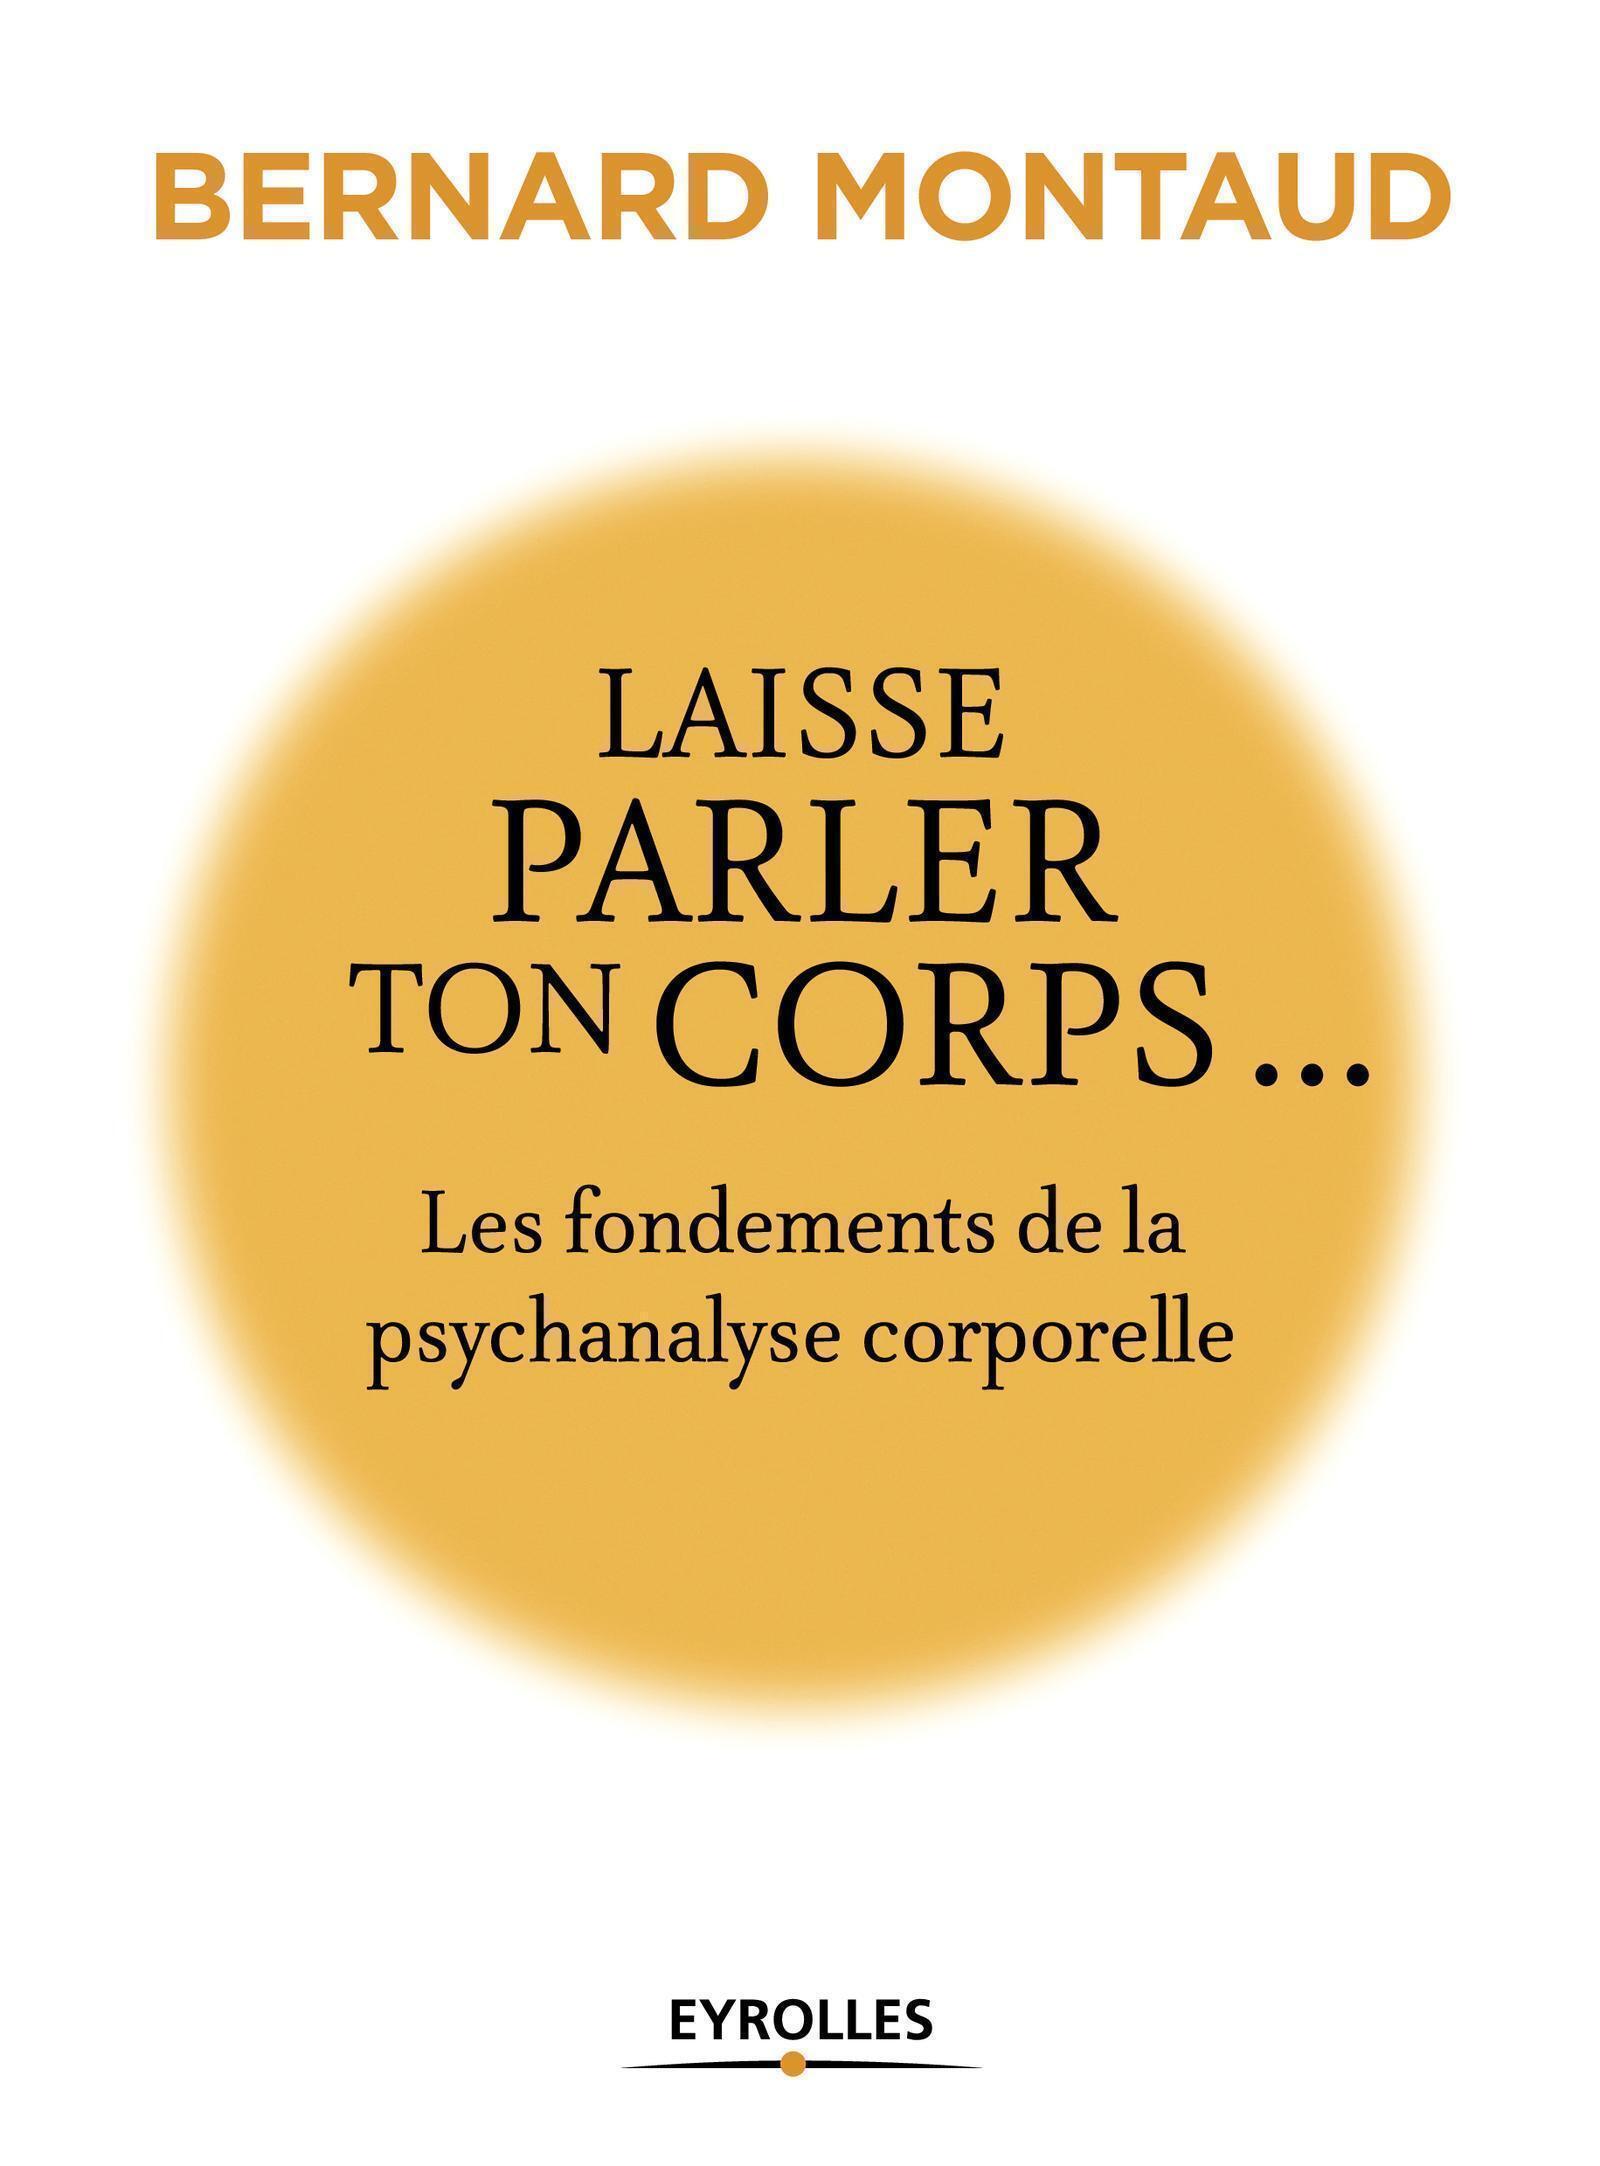 LAISSE PARLER TON CORPS